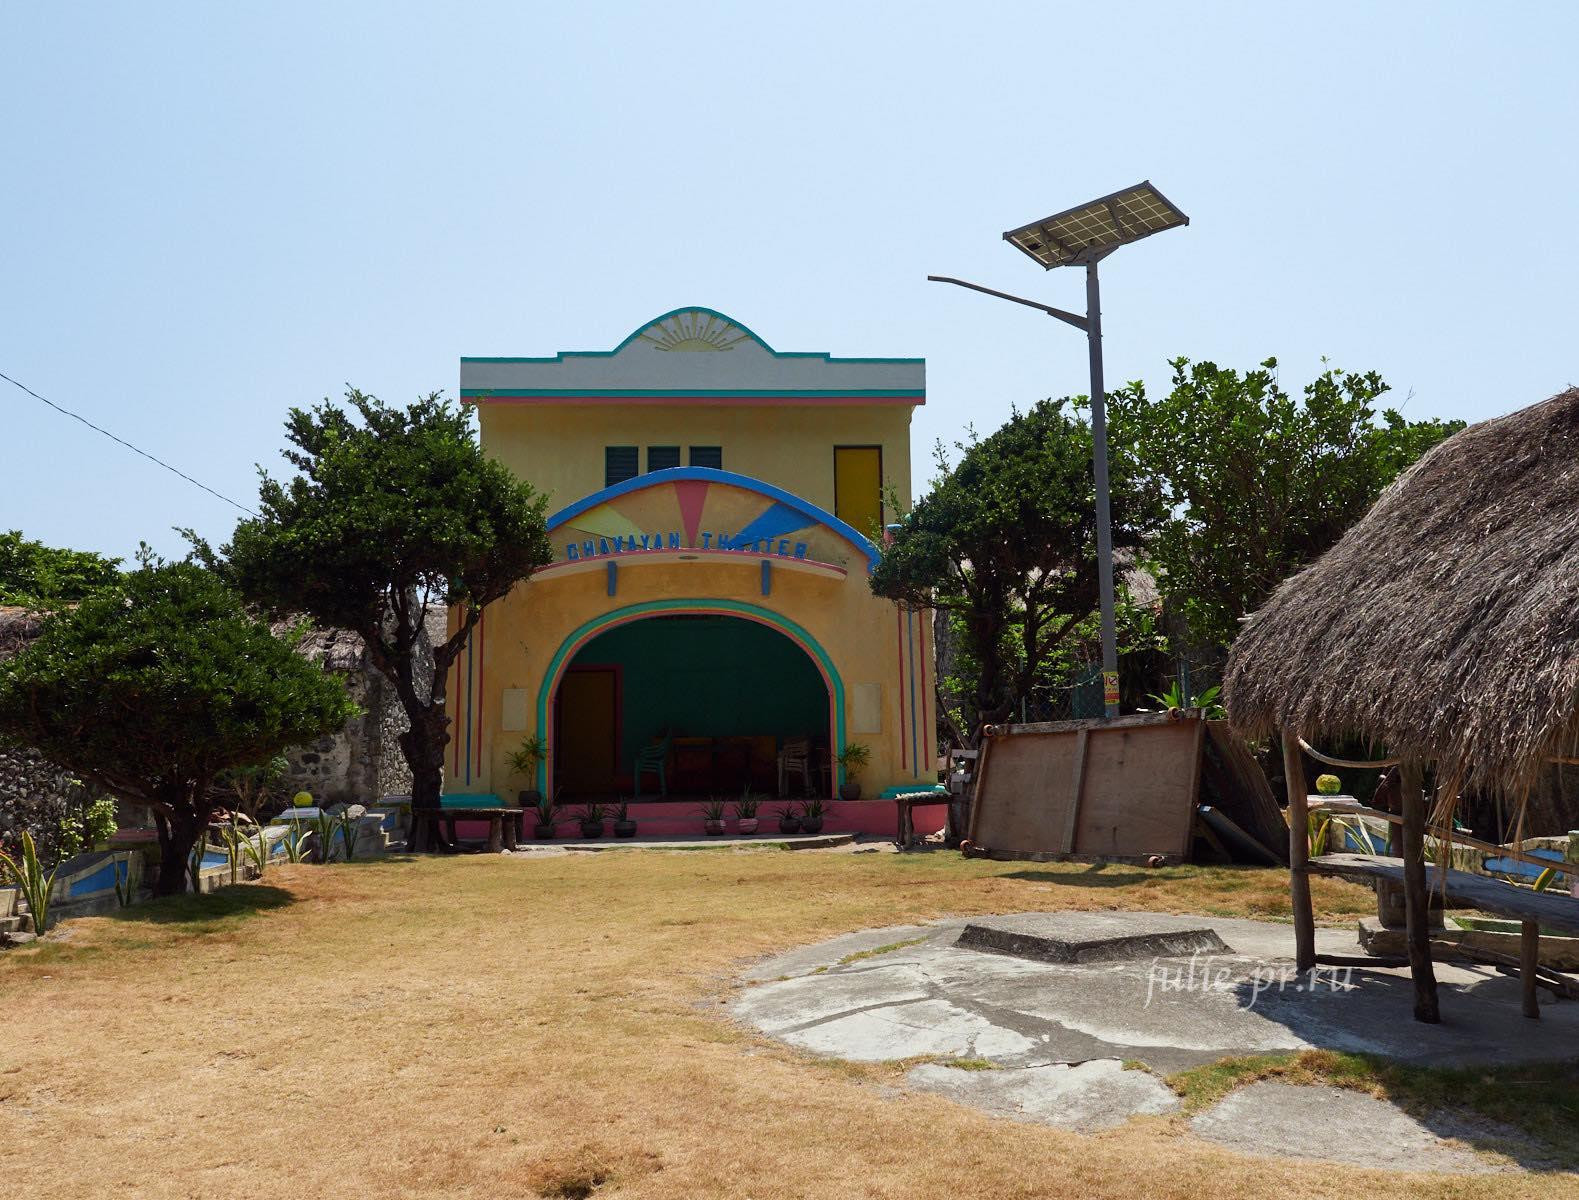 Филиппины, острова Батанес, театр